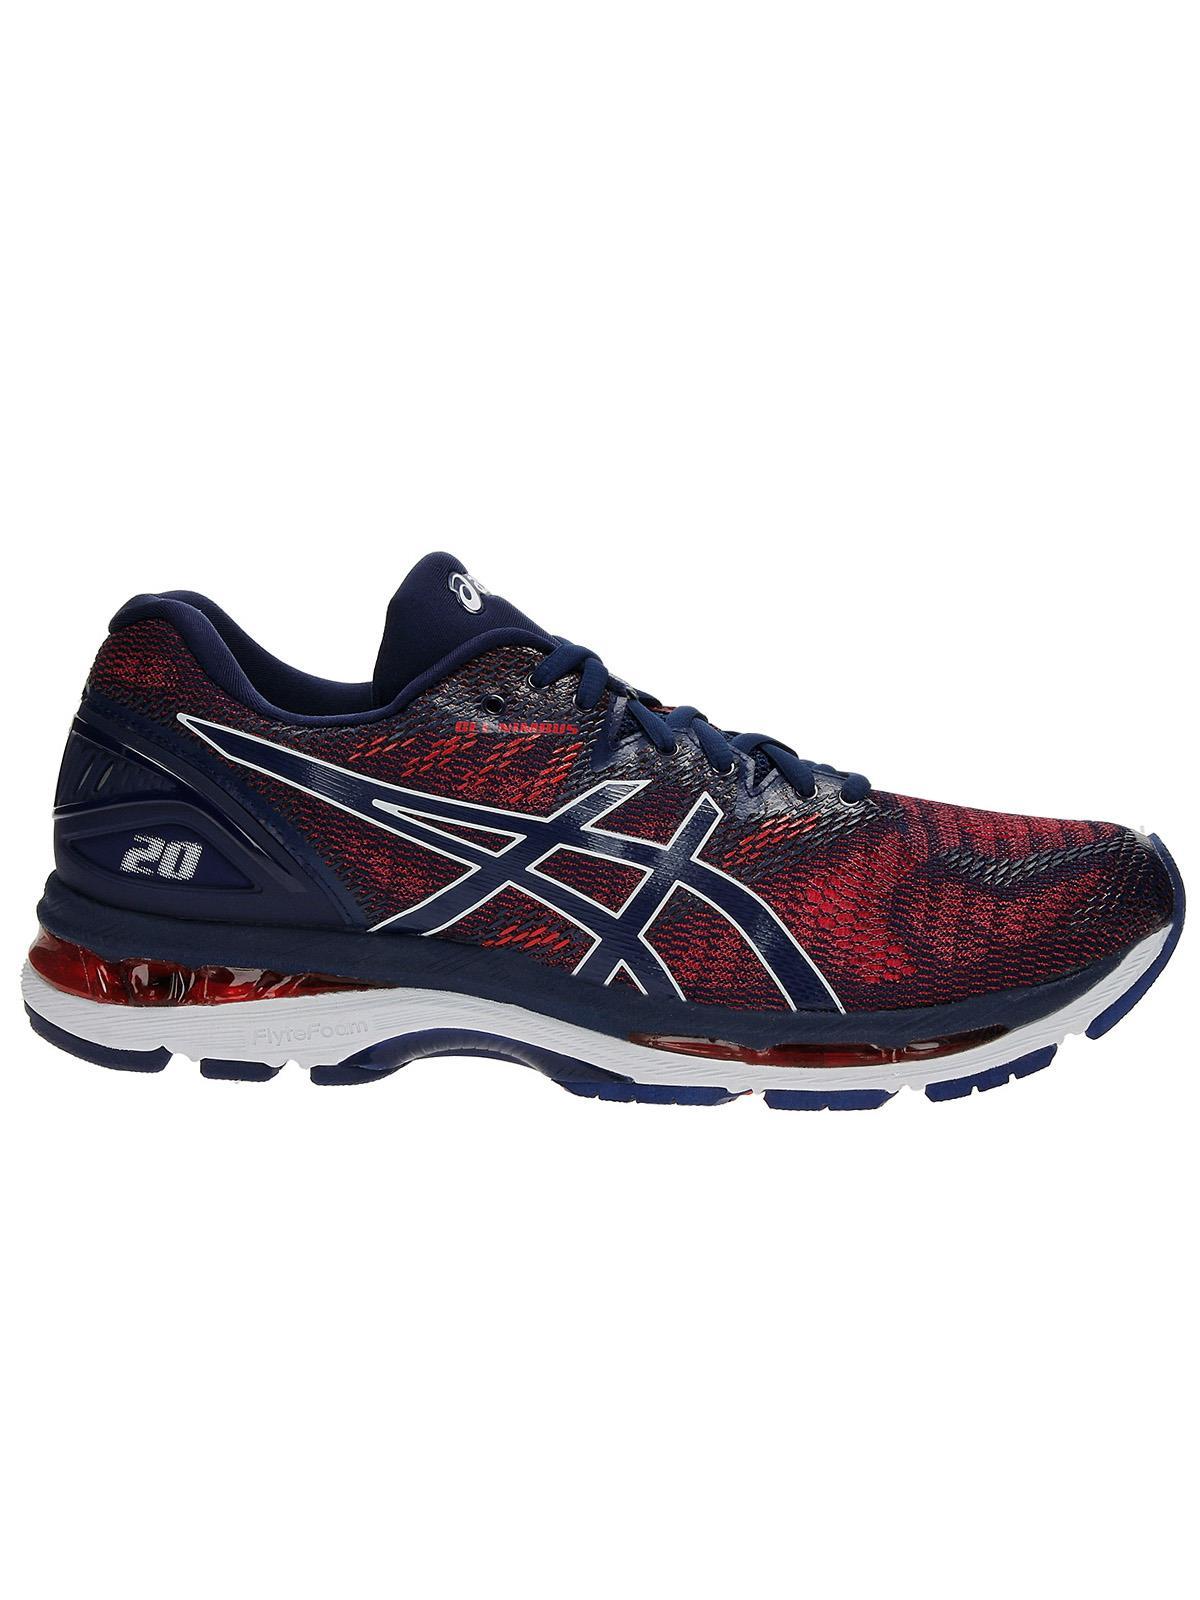 Asics Gel Nimbus 20 scarpa da Running ST800N 4949